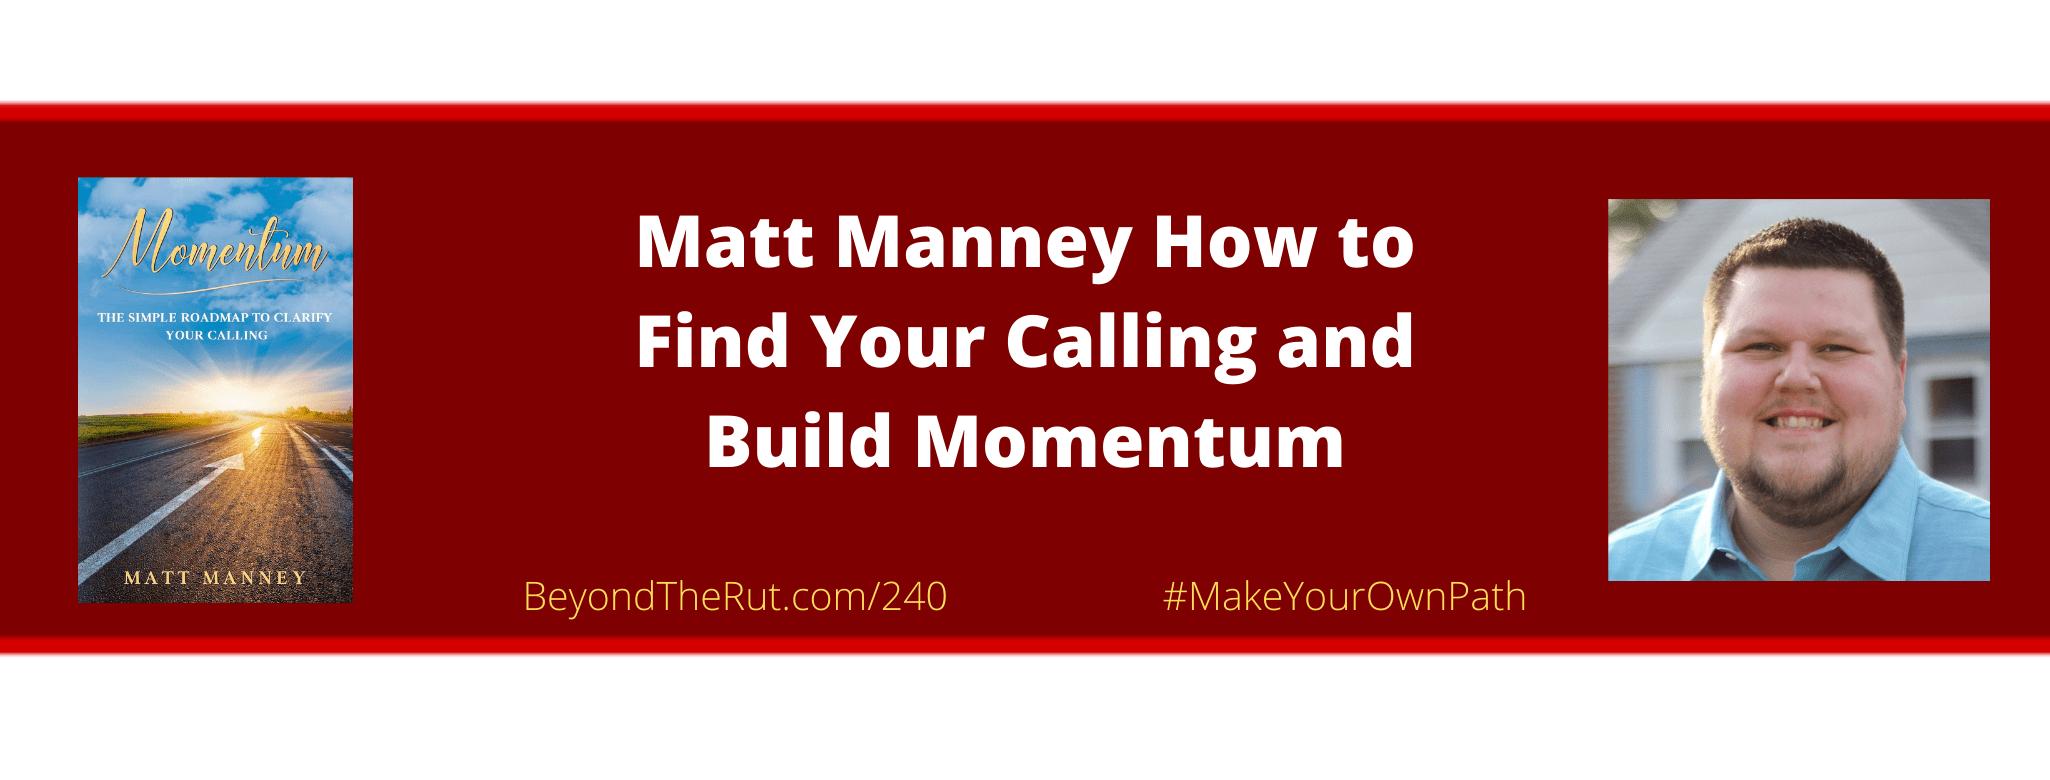 find your calling matt manney